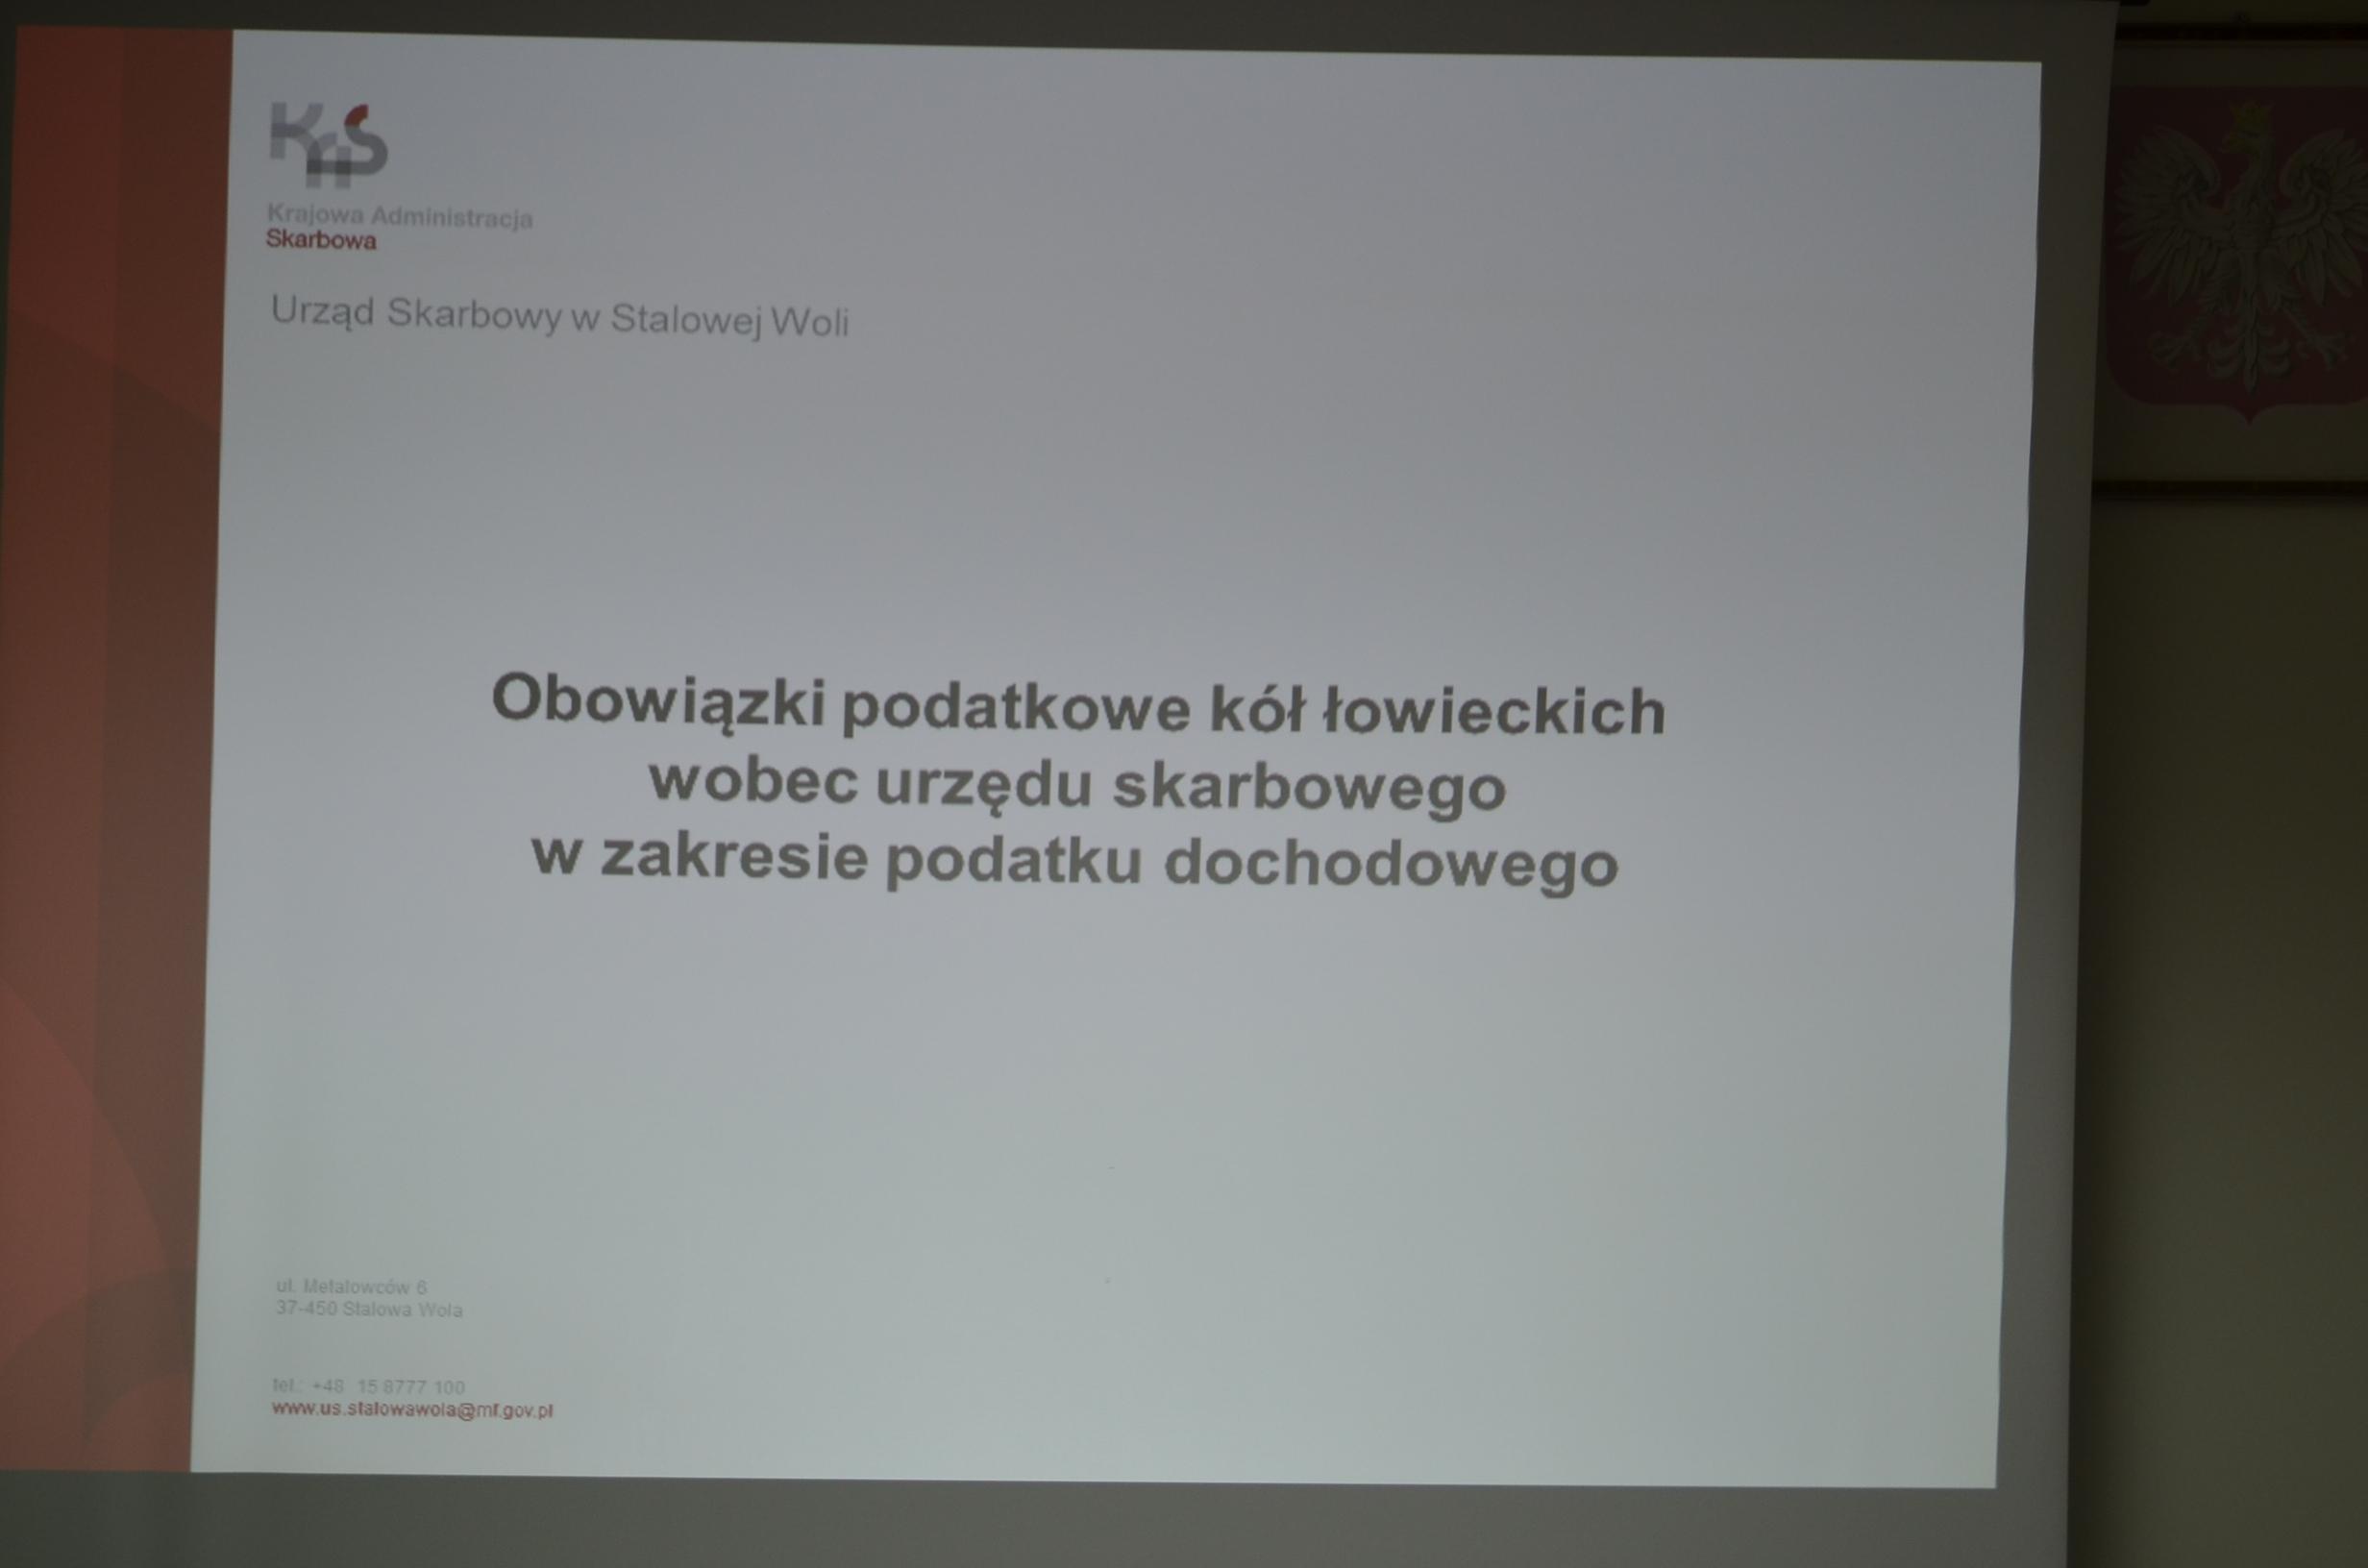 🔉 Szkolenie zorganizowane przez zarząd okręgowy PZŁ w Tarnobrzegu i Urząd Skarbowy w Stalowej Woli.